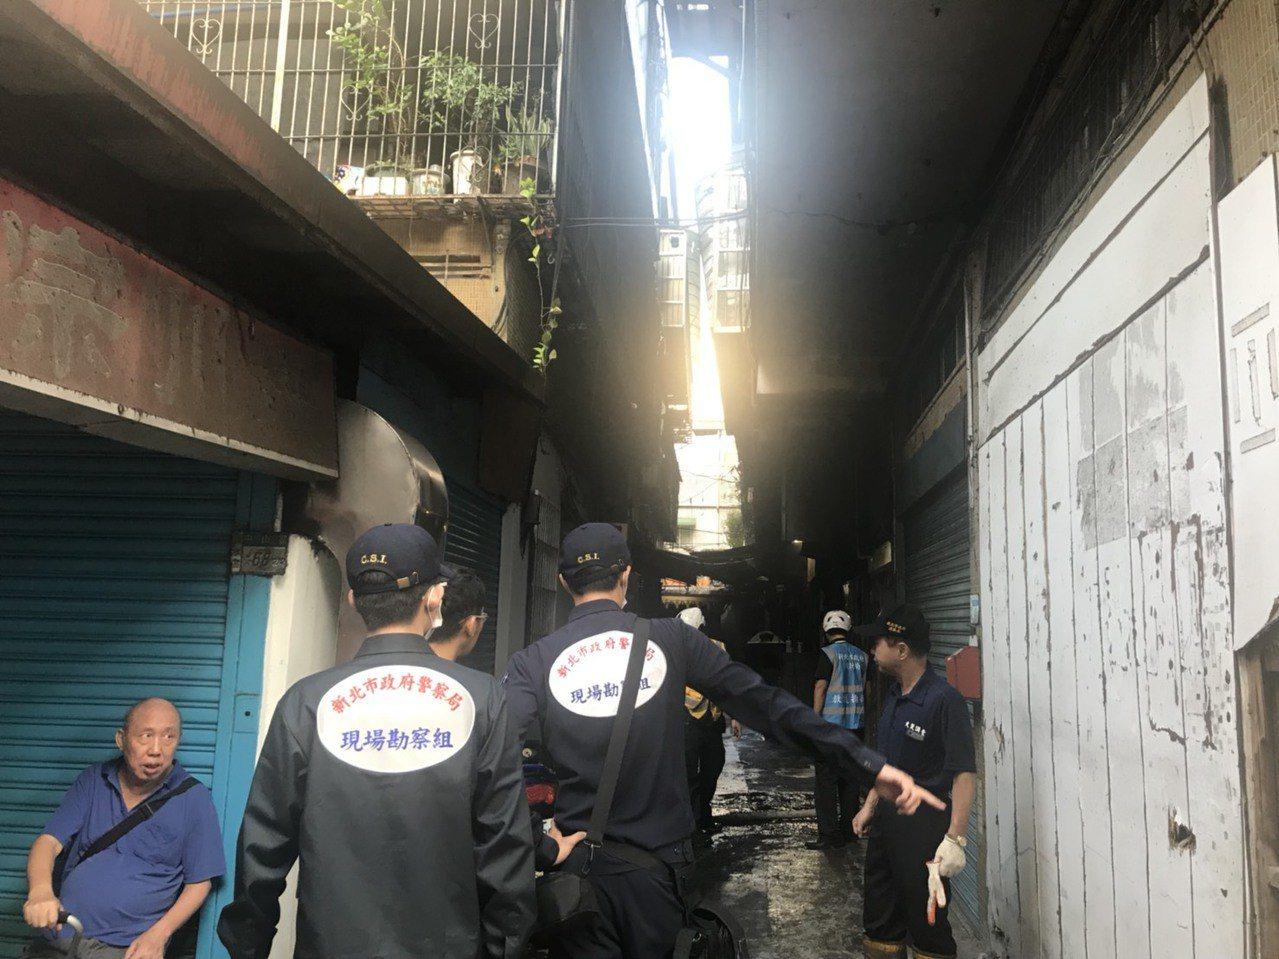 火警造成3死,消防局進行調查。記者袁志豪/攝影